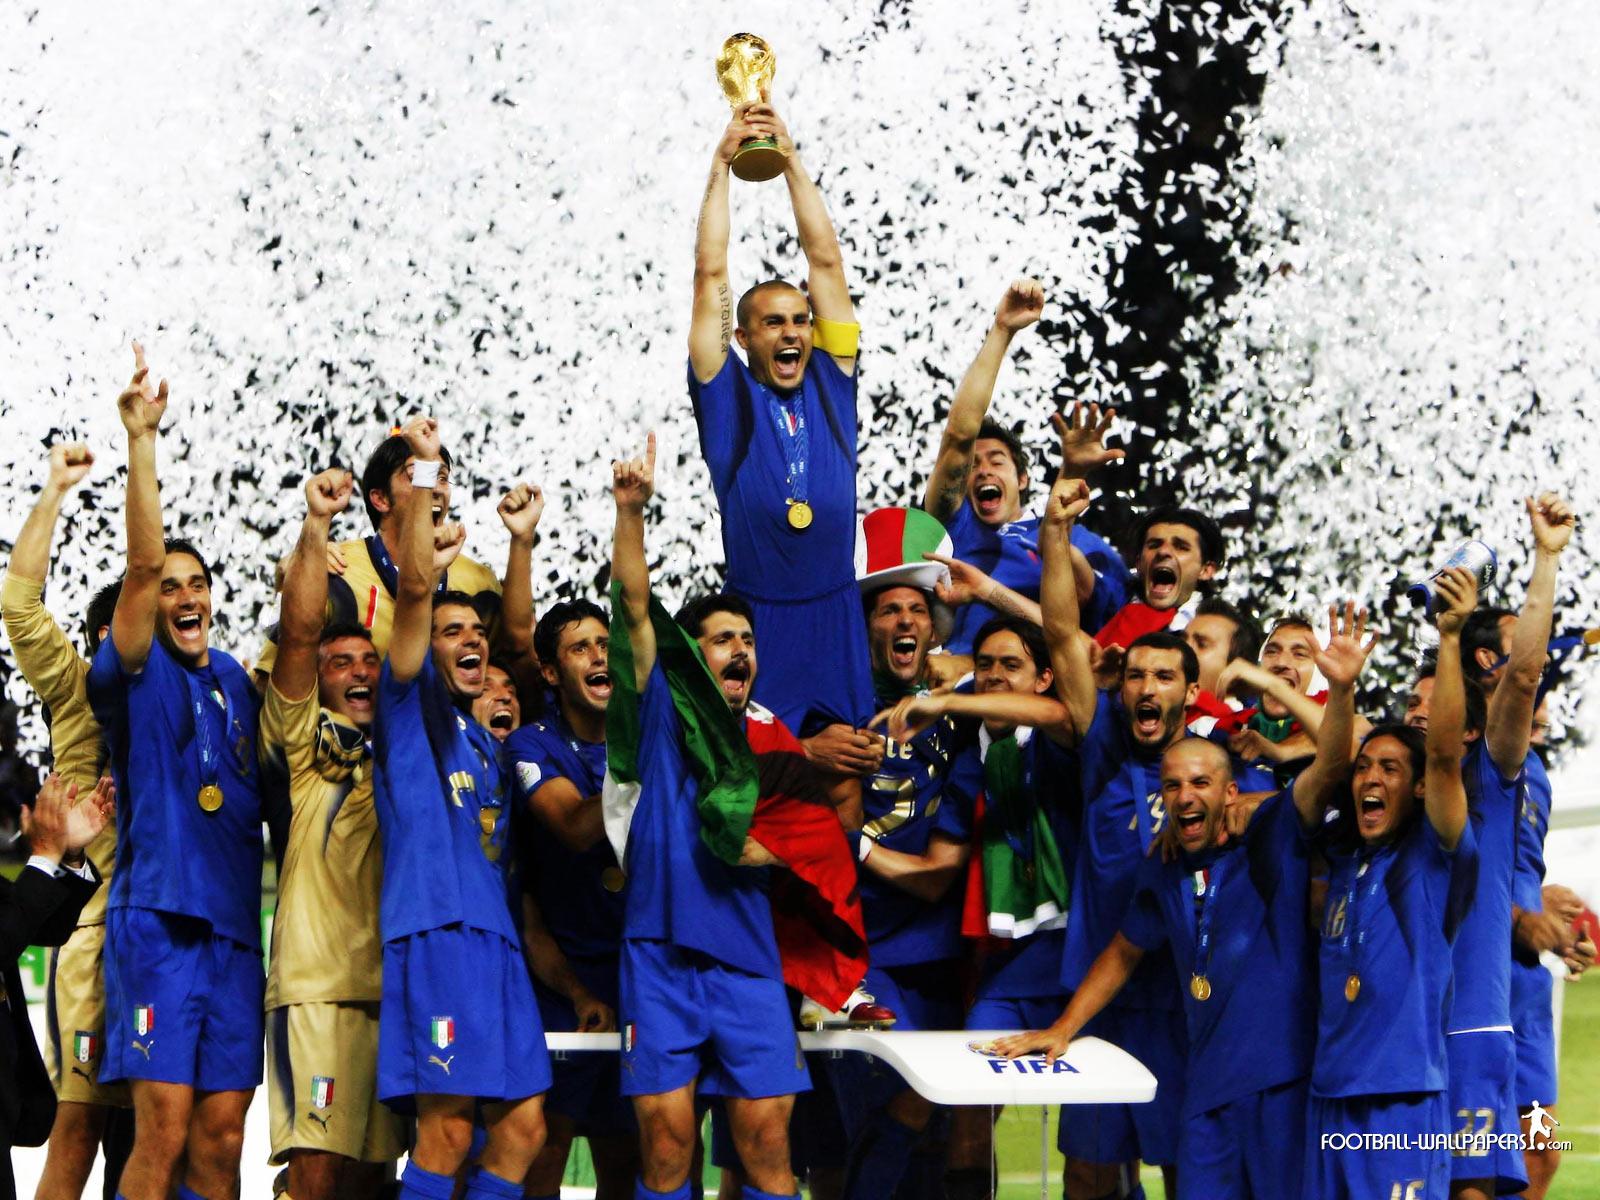 Чм 2006 финал футбол 27 фотография